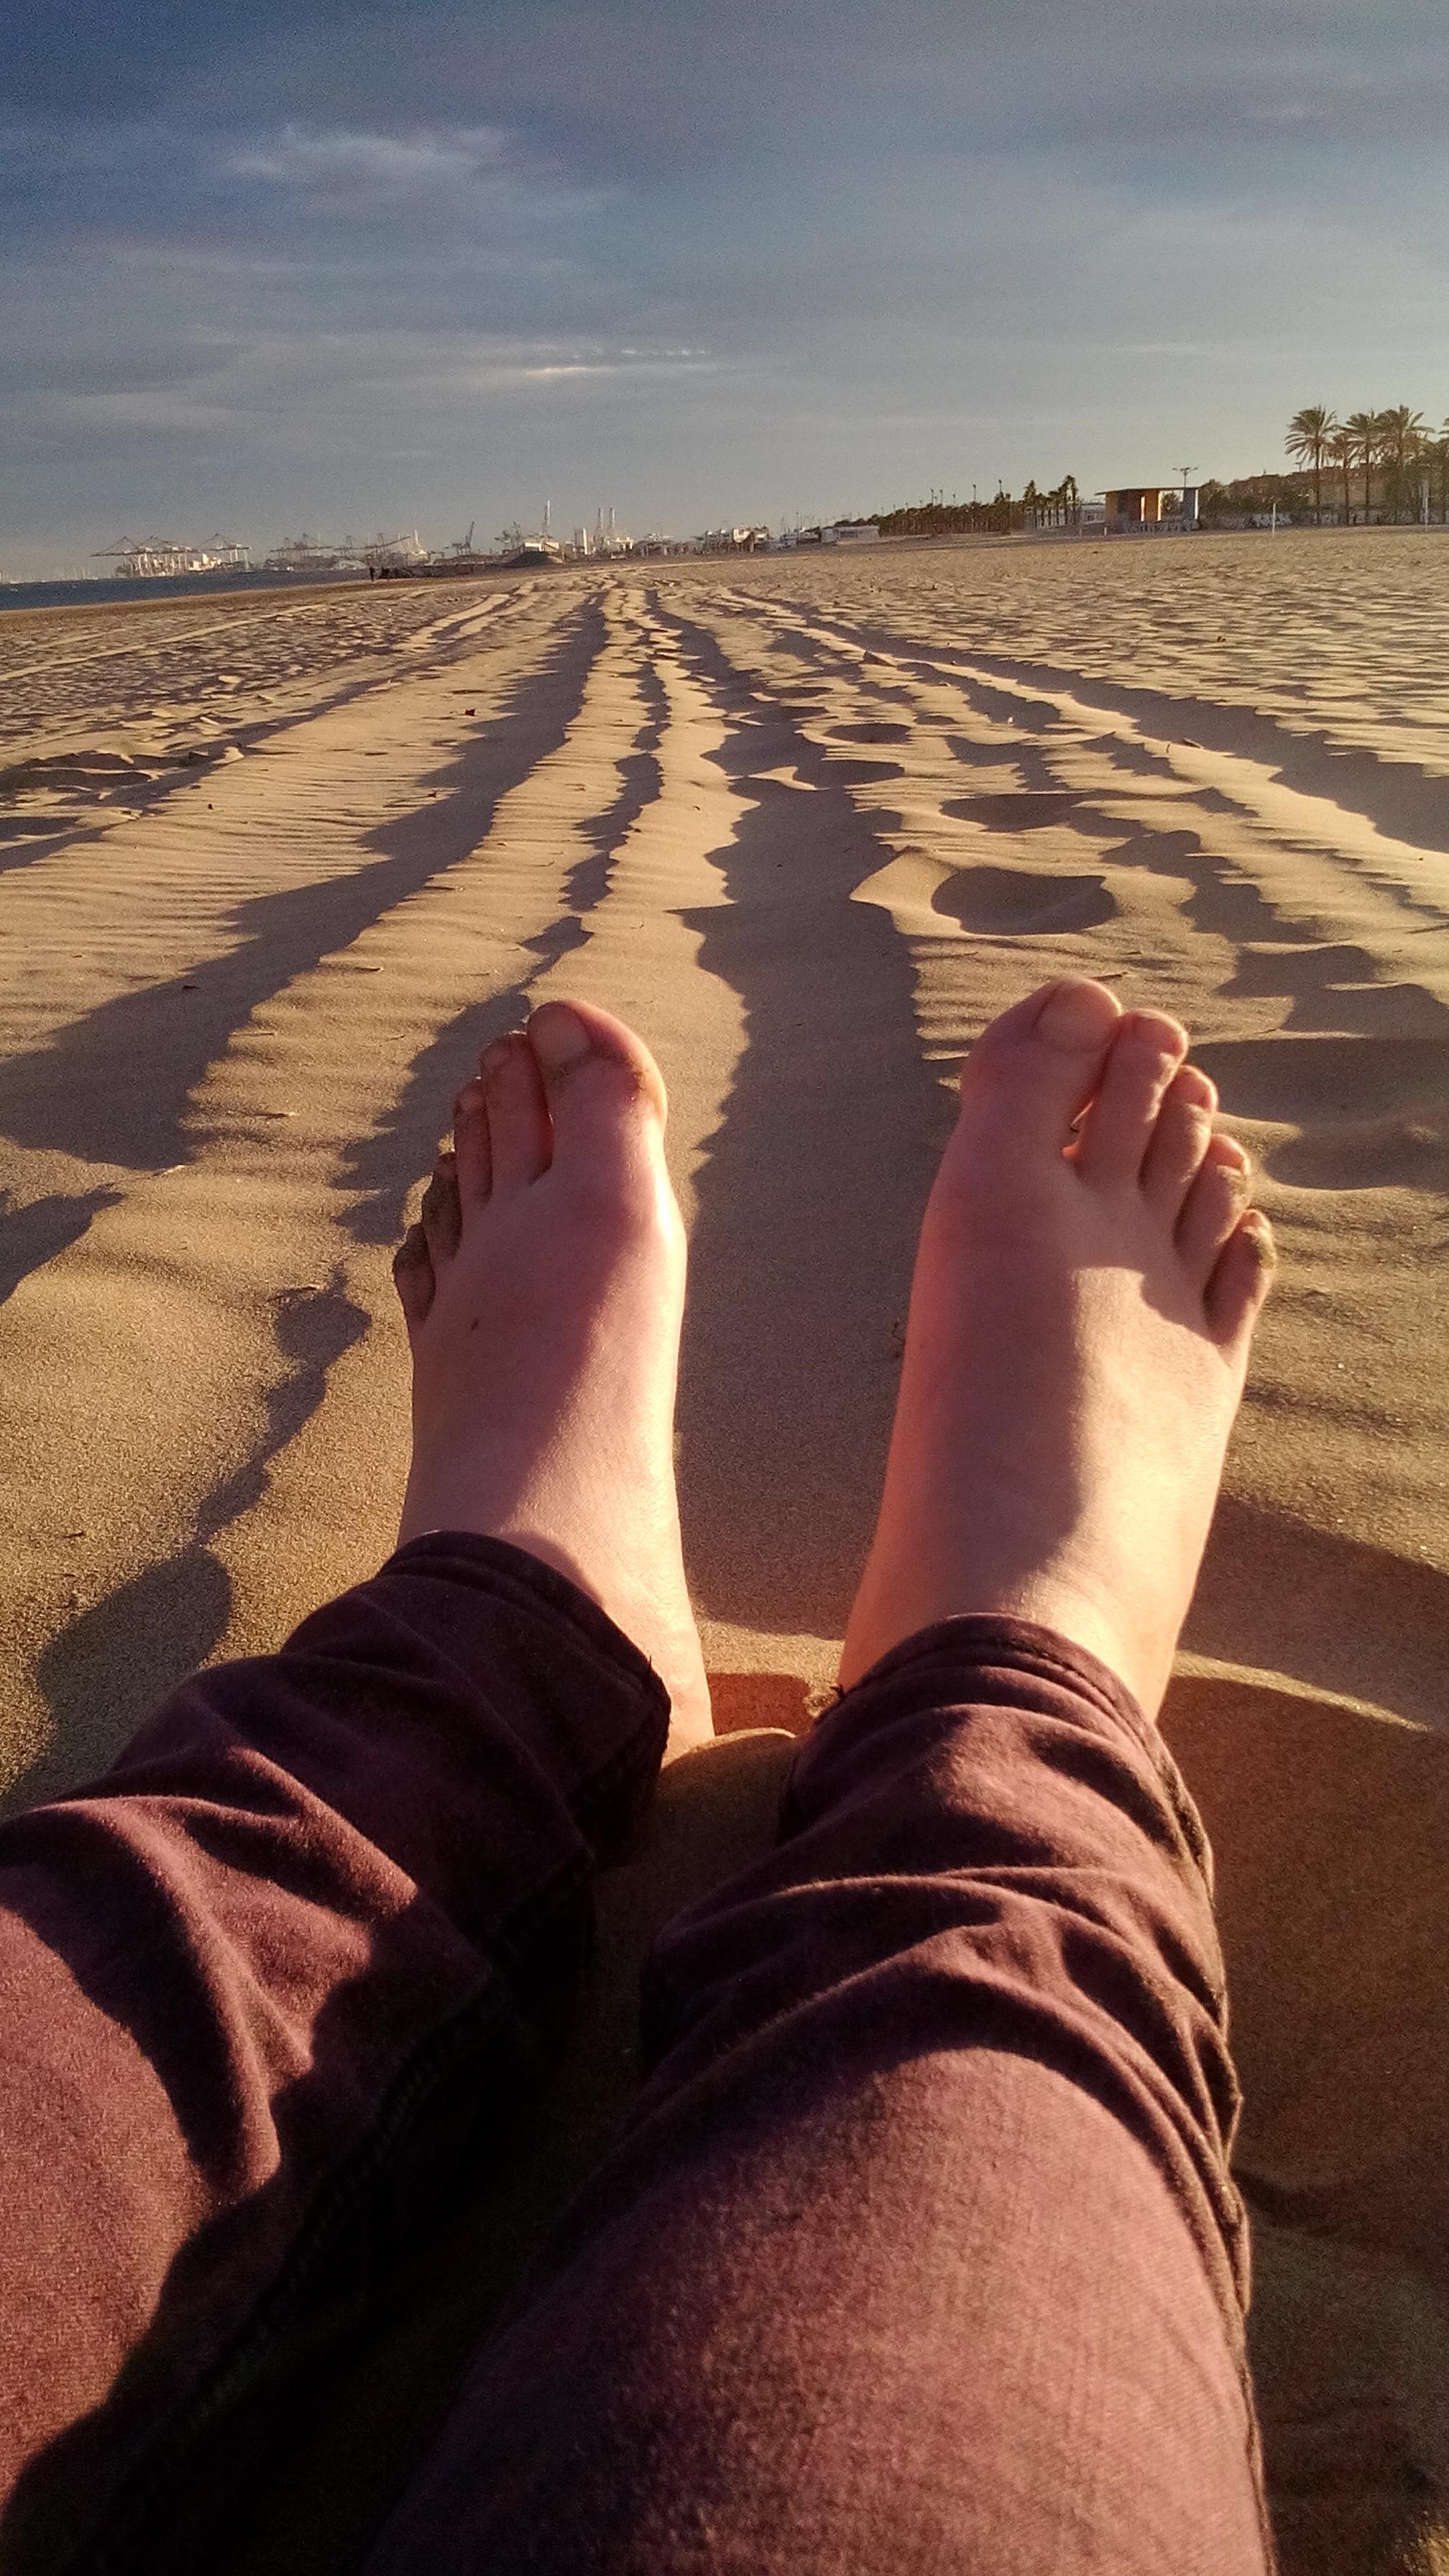 hát... a homokos tengerparton mezitláb sétálni nem egy rossz dolog.